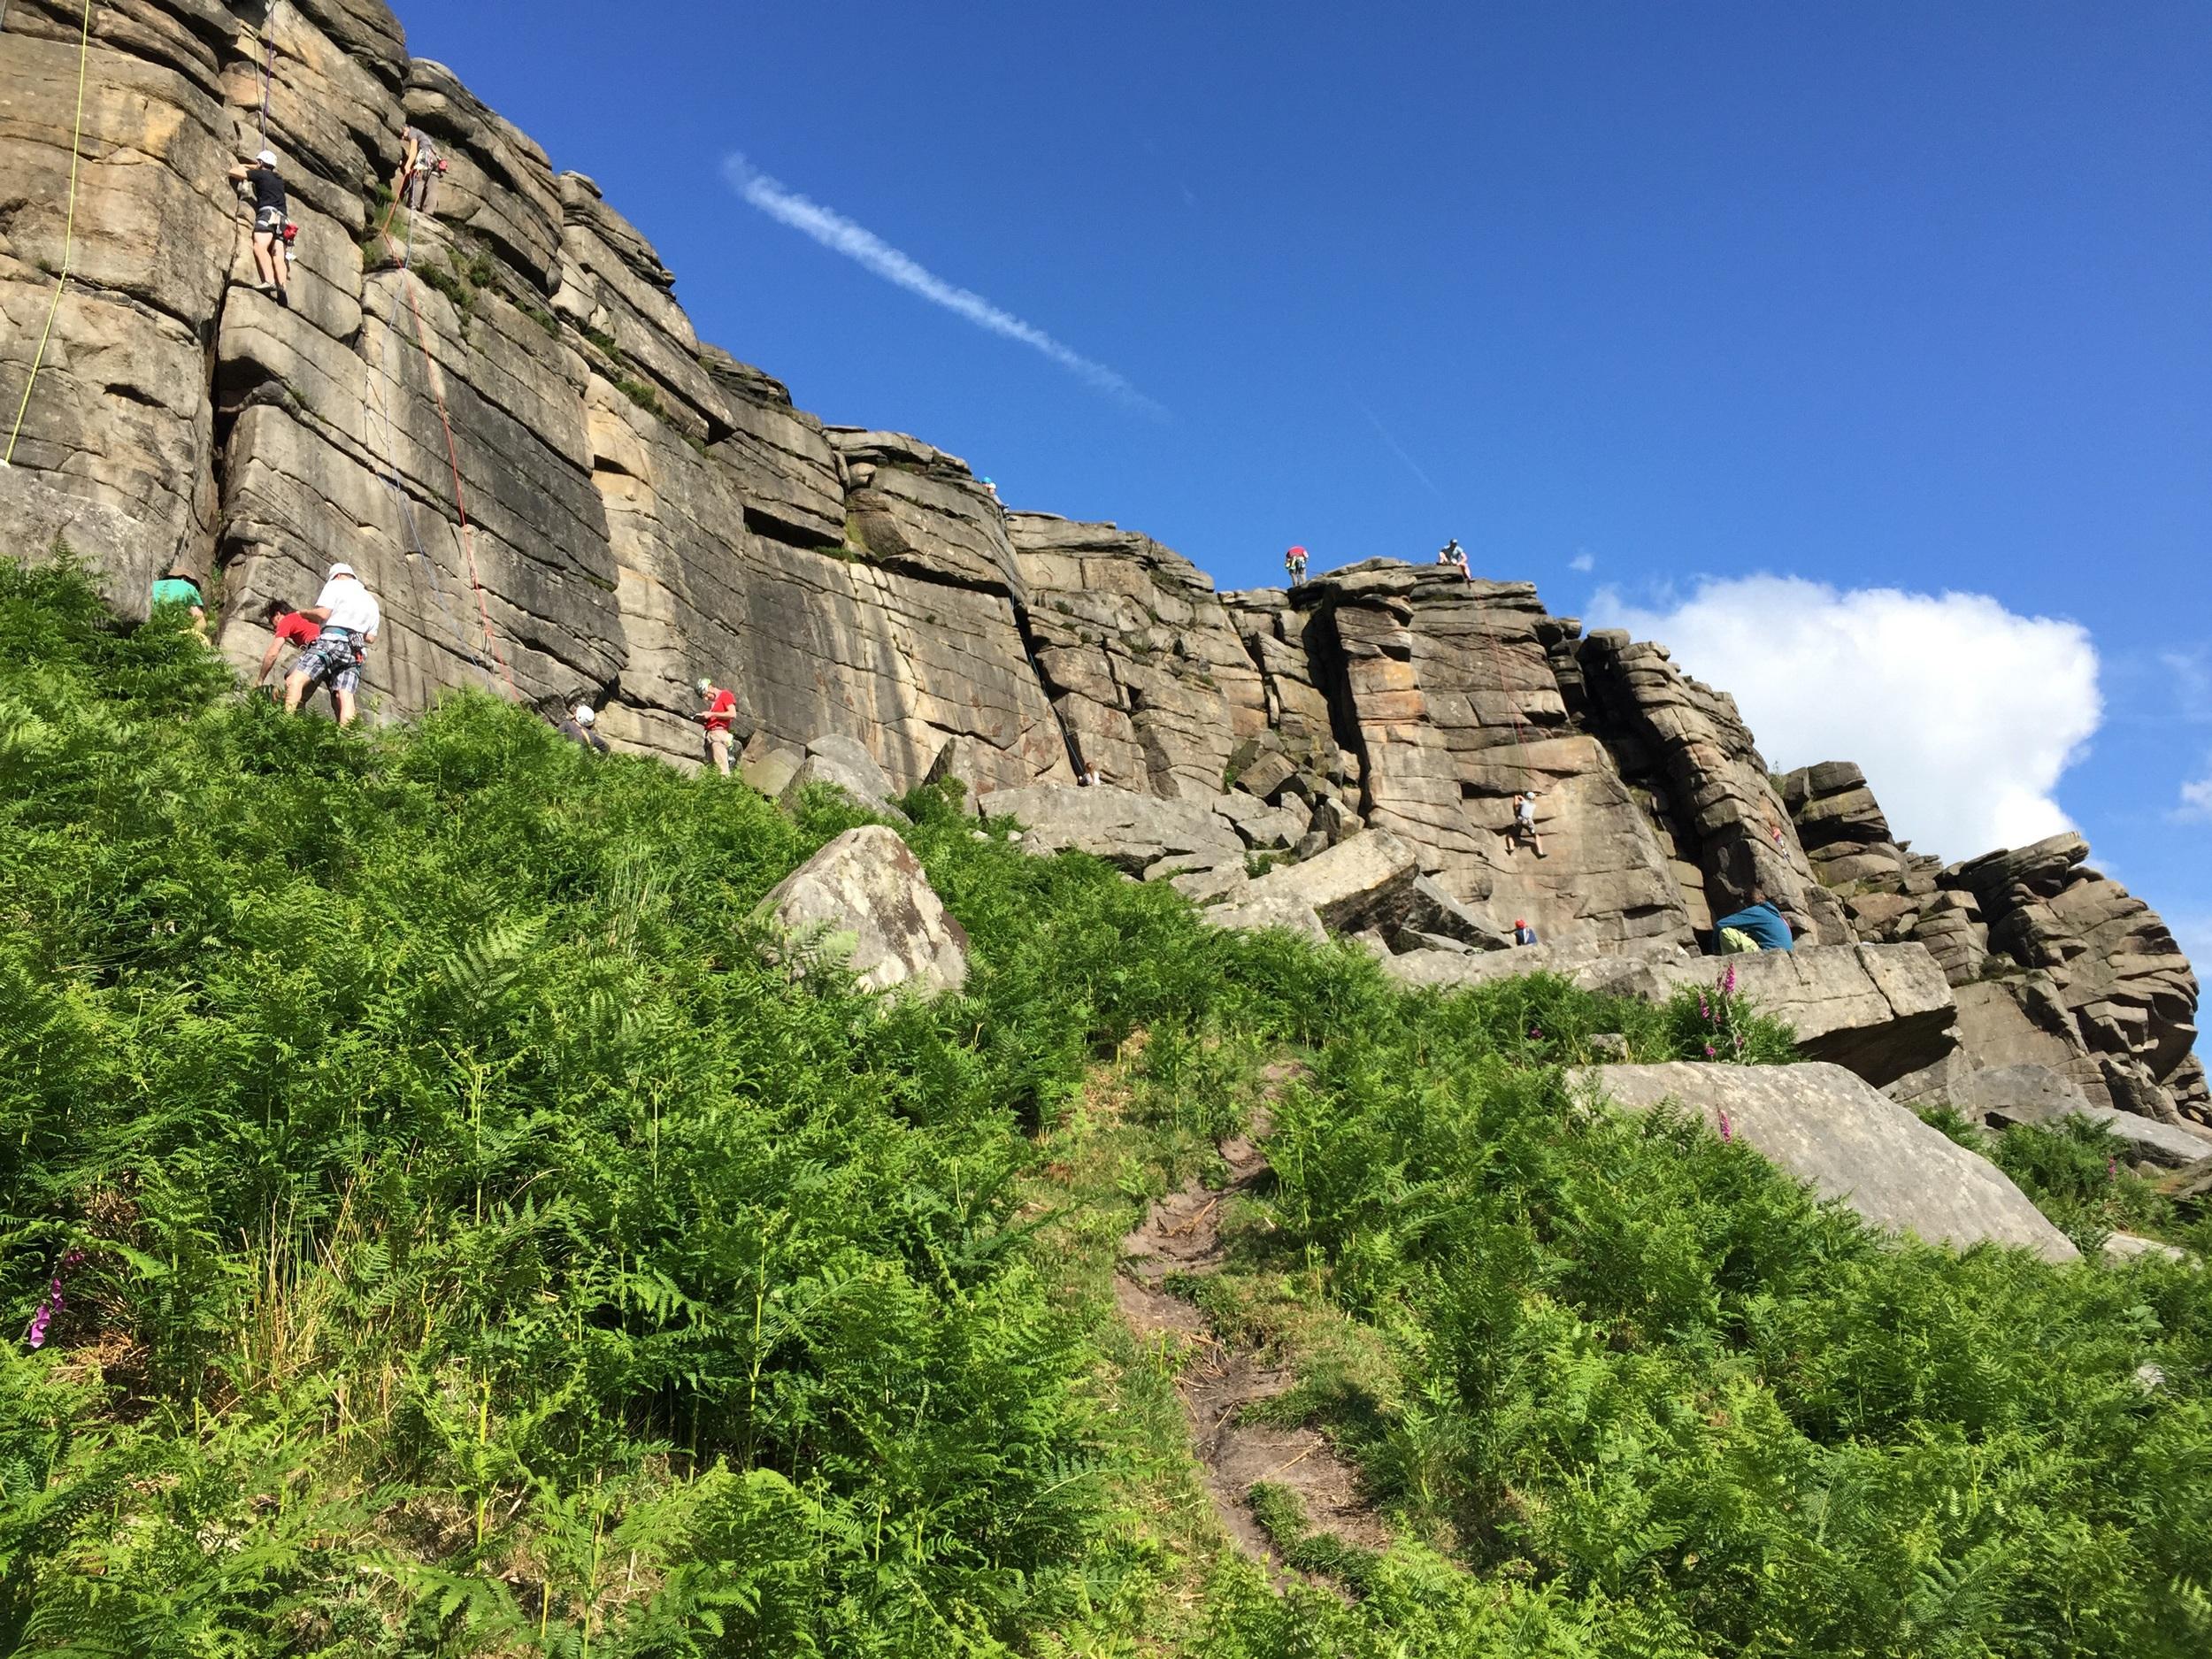 Fantastic crag